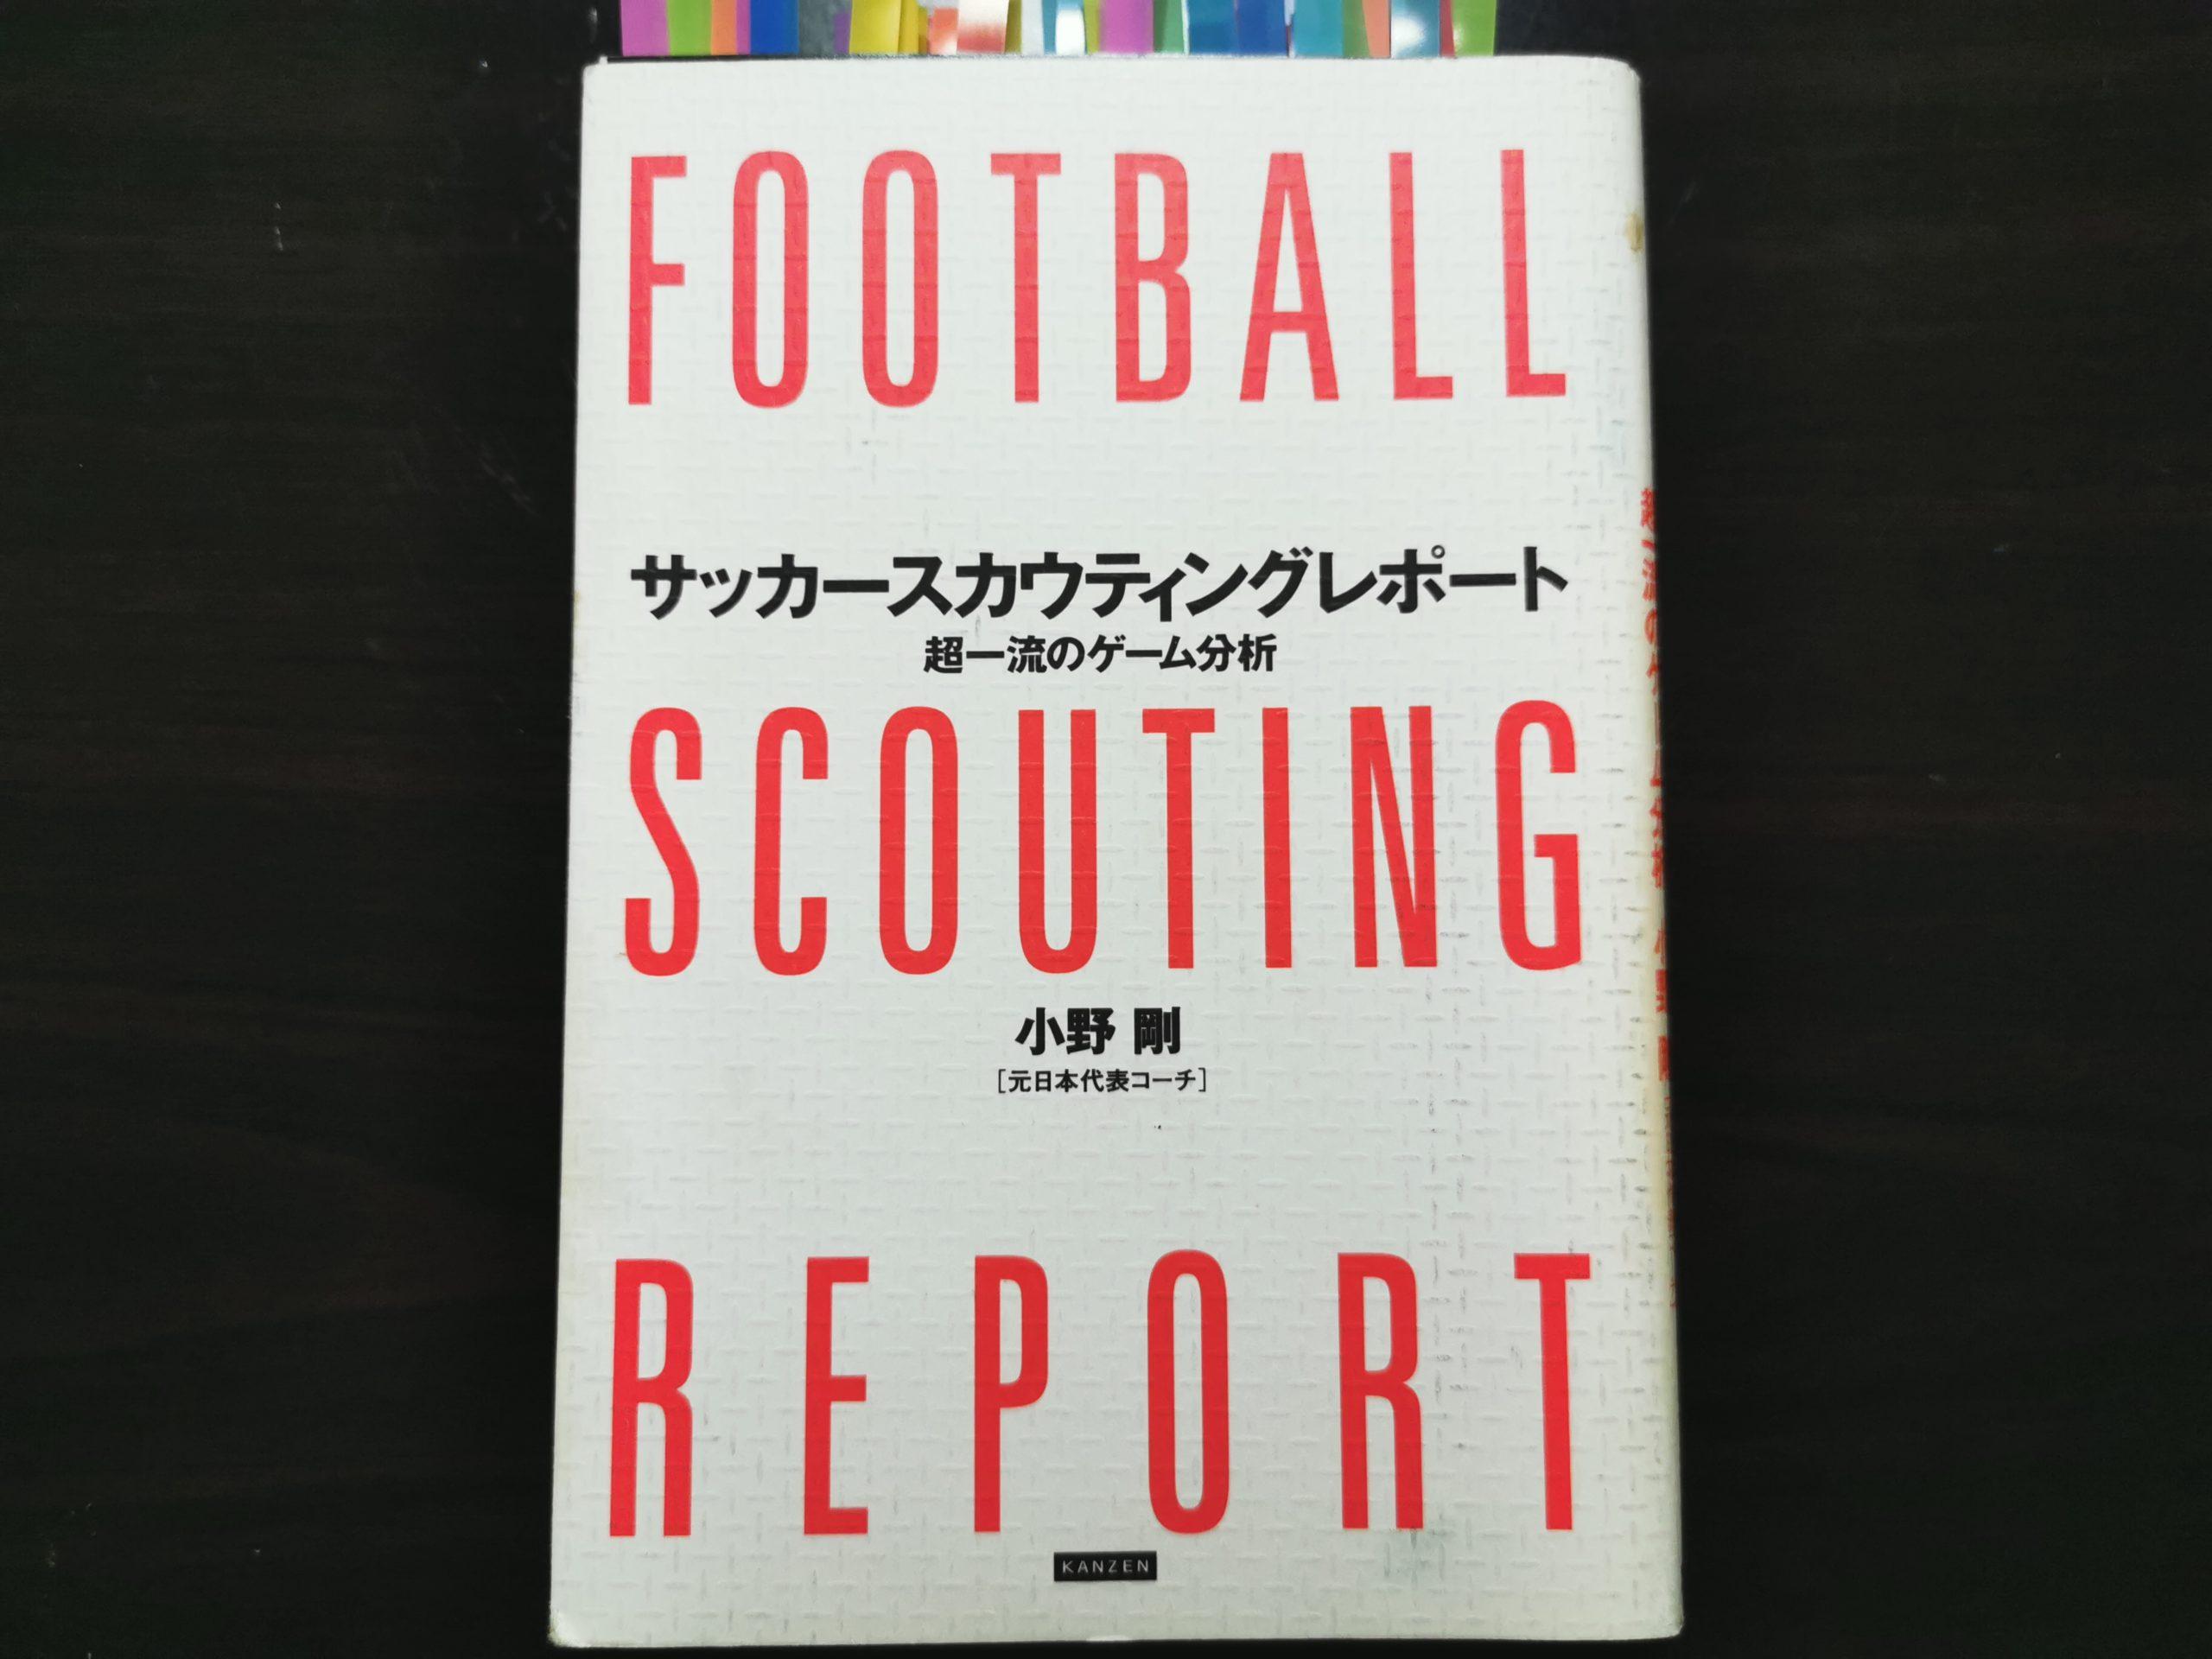 『どう観るのか?』から『どう試合に勝つのか?』へのステップアップ ~サッカースカウティングレポート~